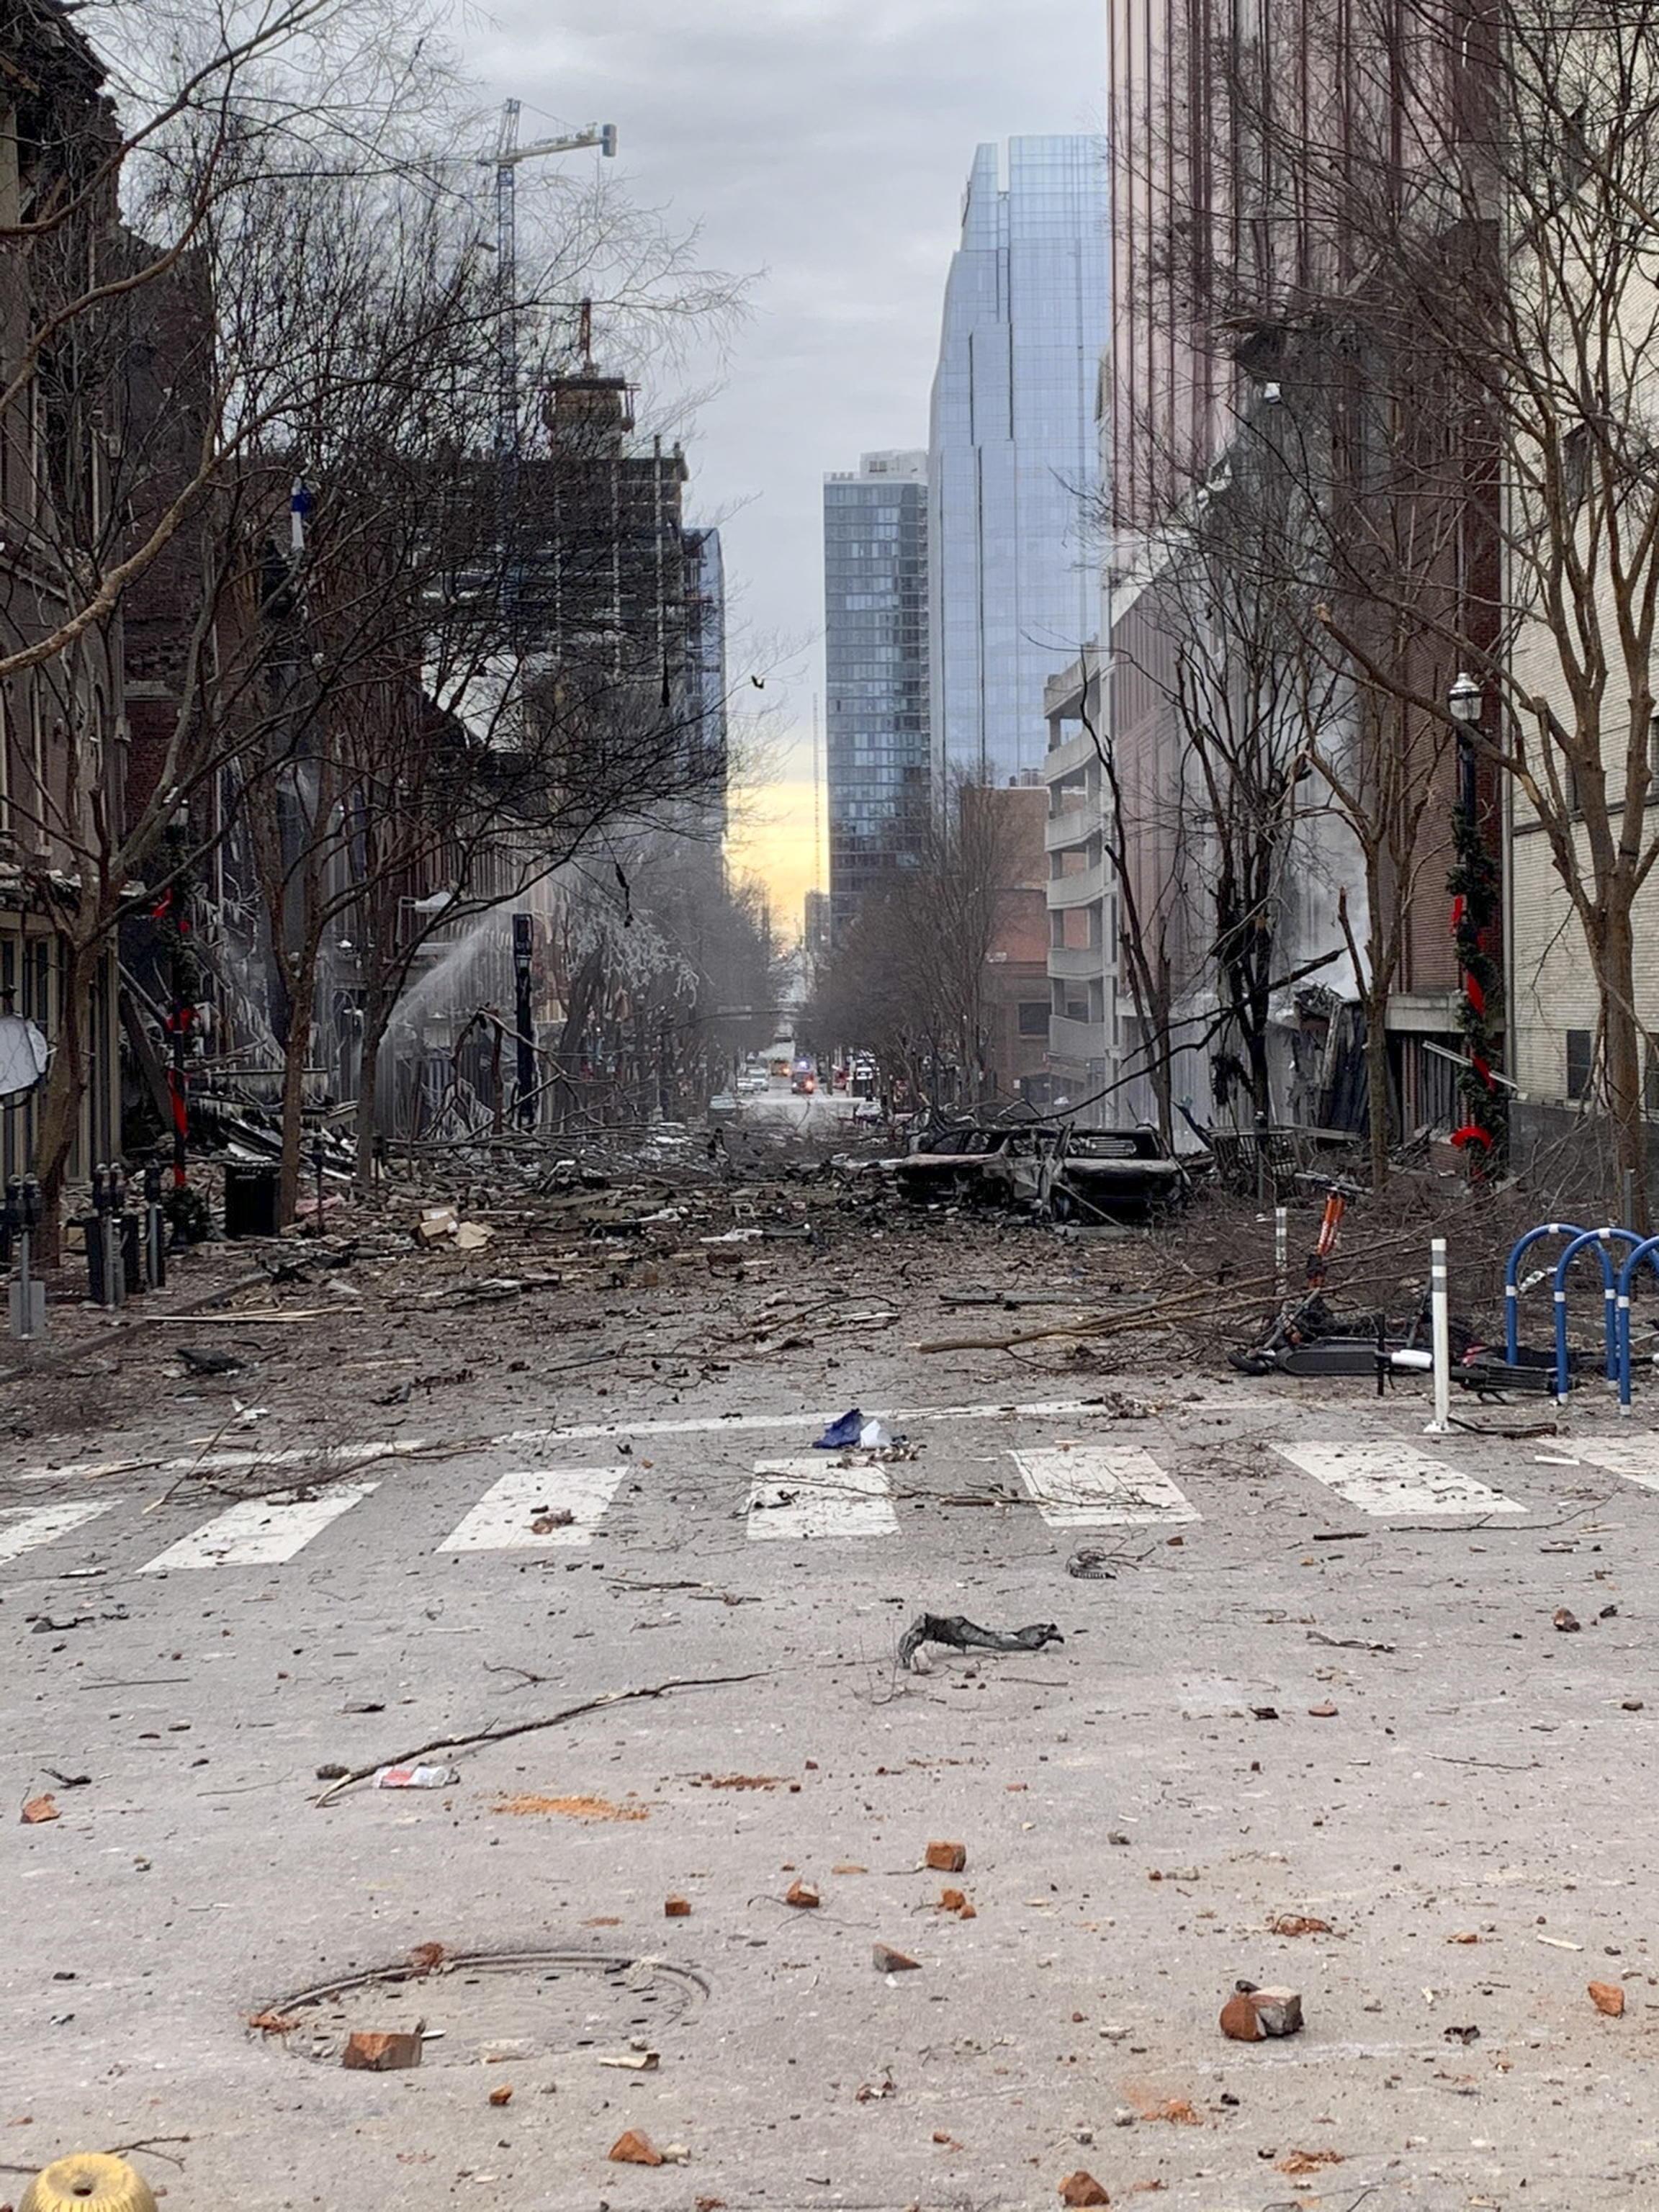 214336846 8837ebfc 45d5 4bf7 987e 709c8612aaae - Esplosione Nashville, è caccia ai responsabili